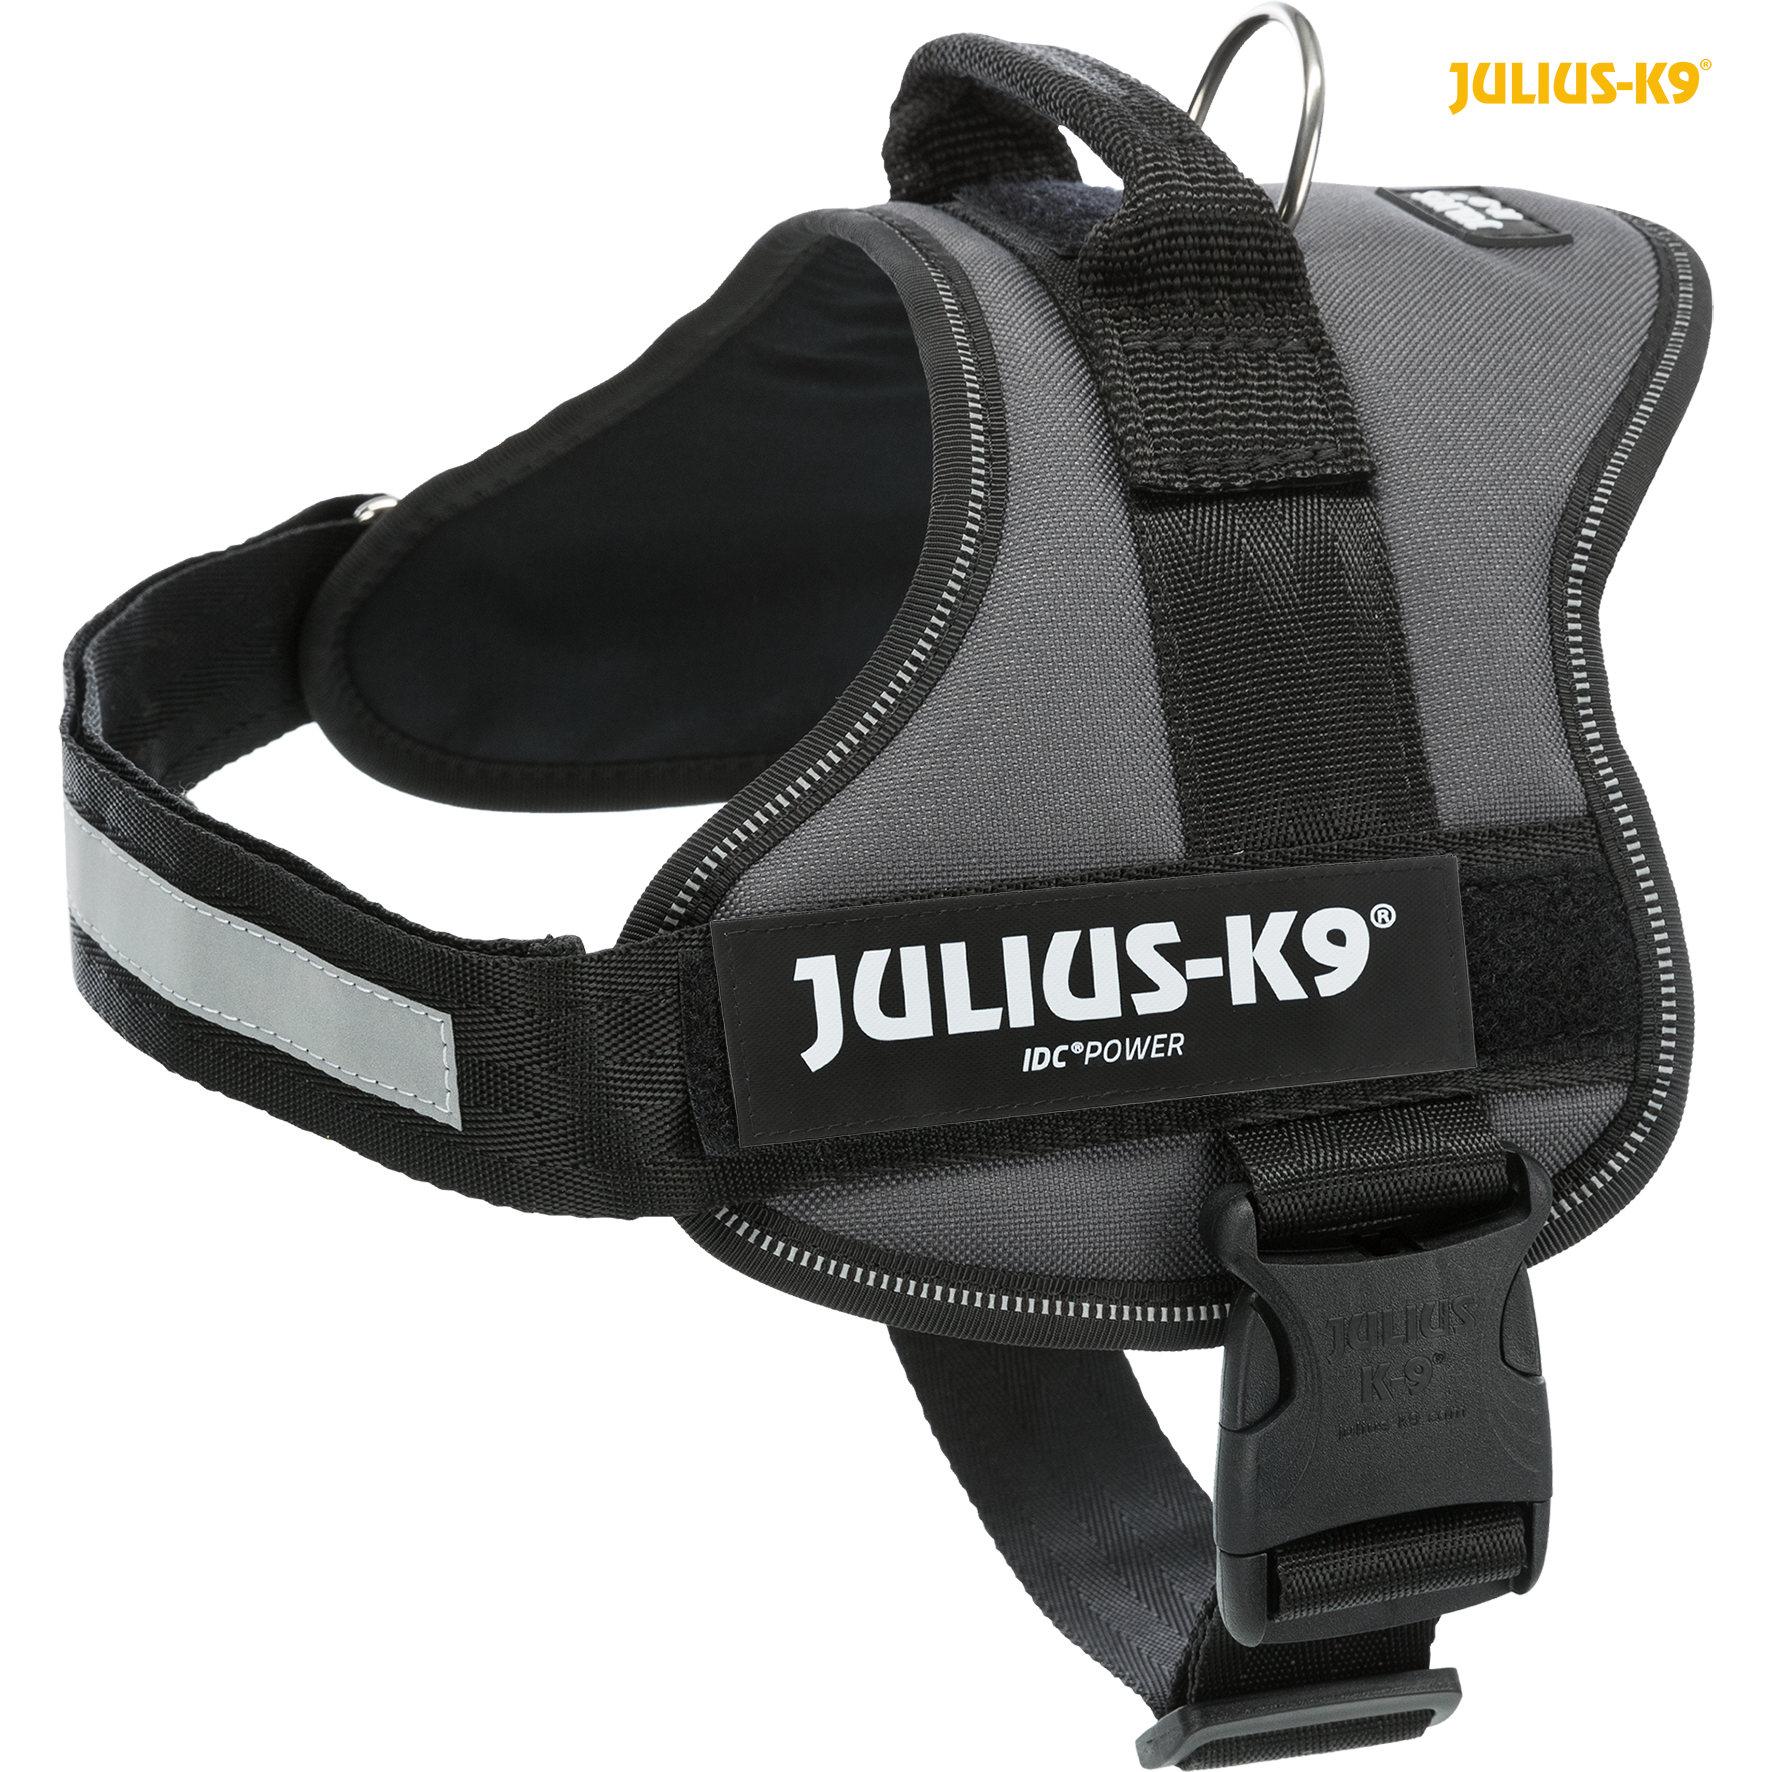 TRIXIE Julius-K9® Powergeschirr® TRIXIE K9®Powergeschirr®, M/0: 58–76 cm/40 mm, anthrazit